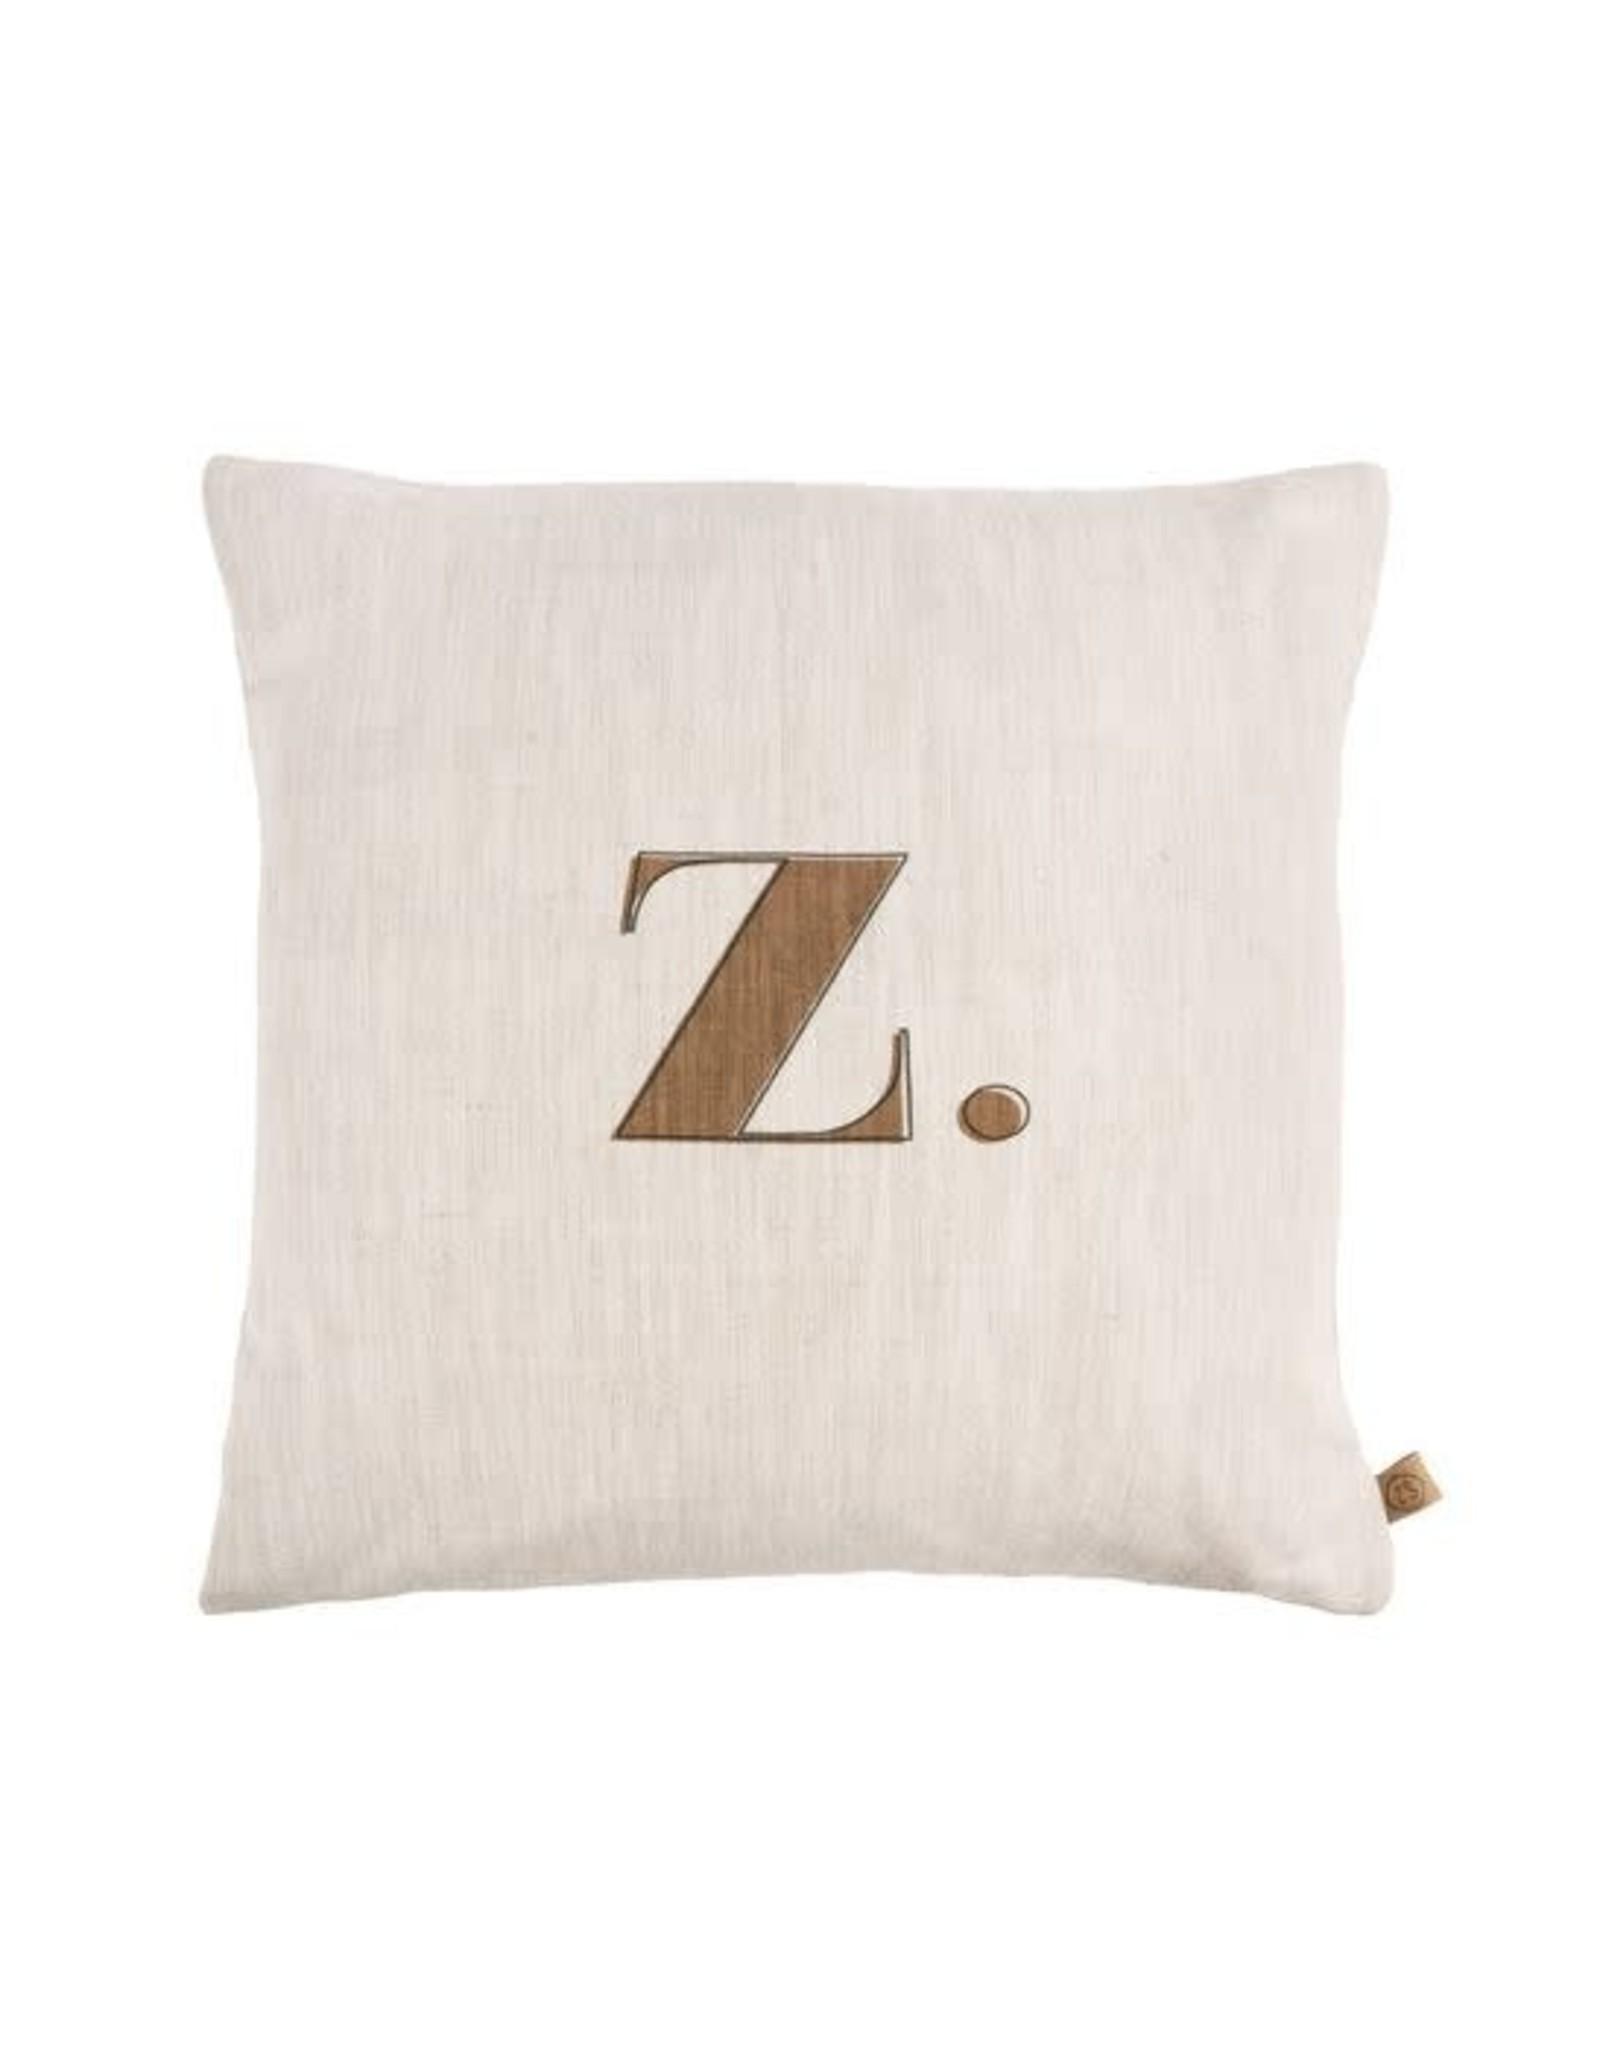 Zusss Zusss kussen met letter Z